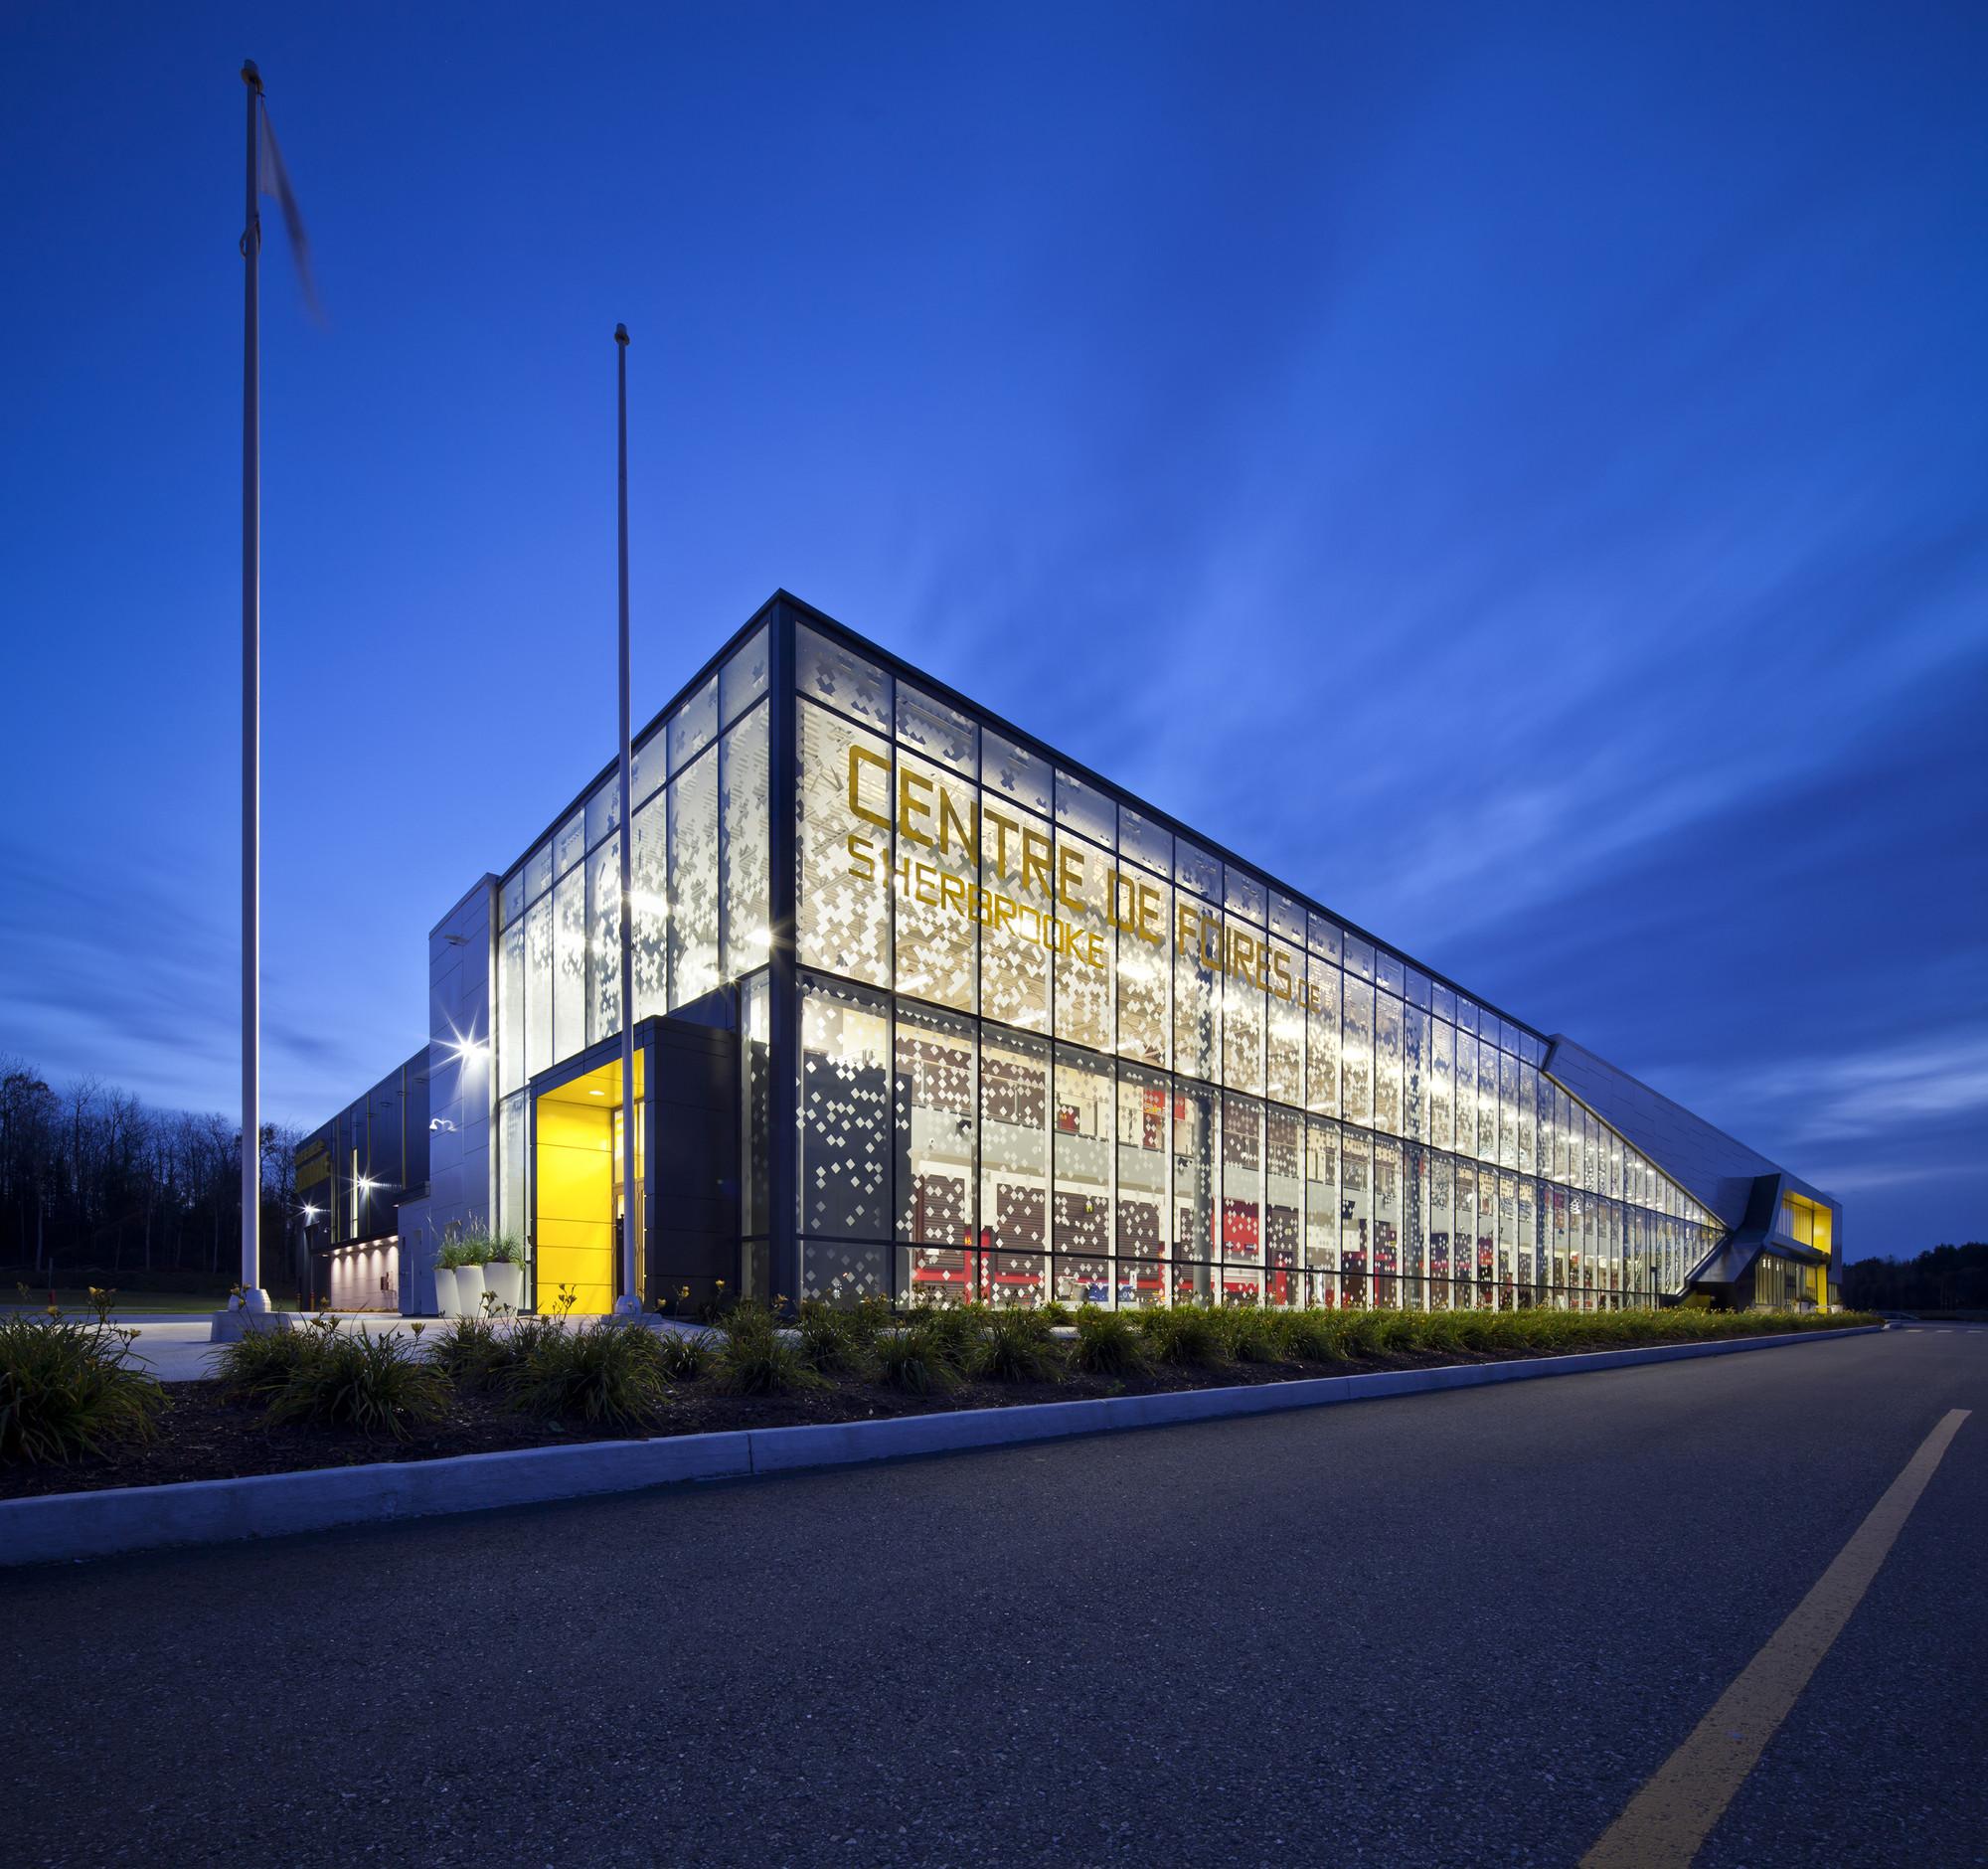 Centro de exposiciones de Sherbrooke / CCM2 Architectes, © Stéphane Groleau